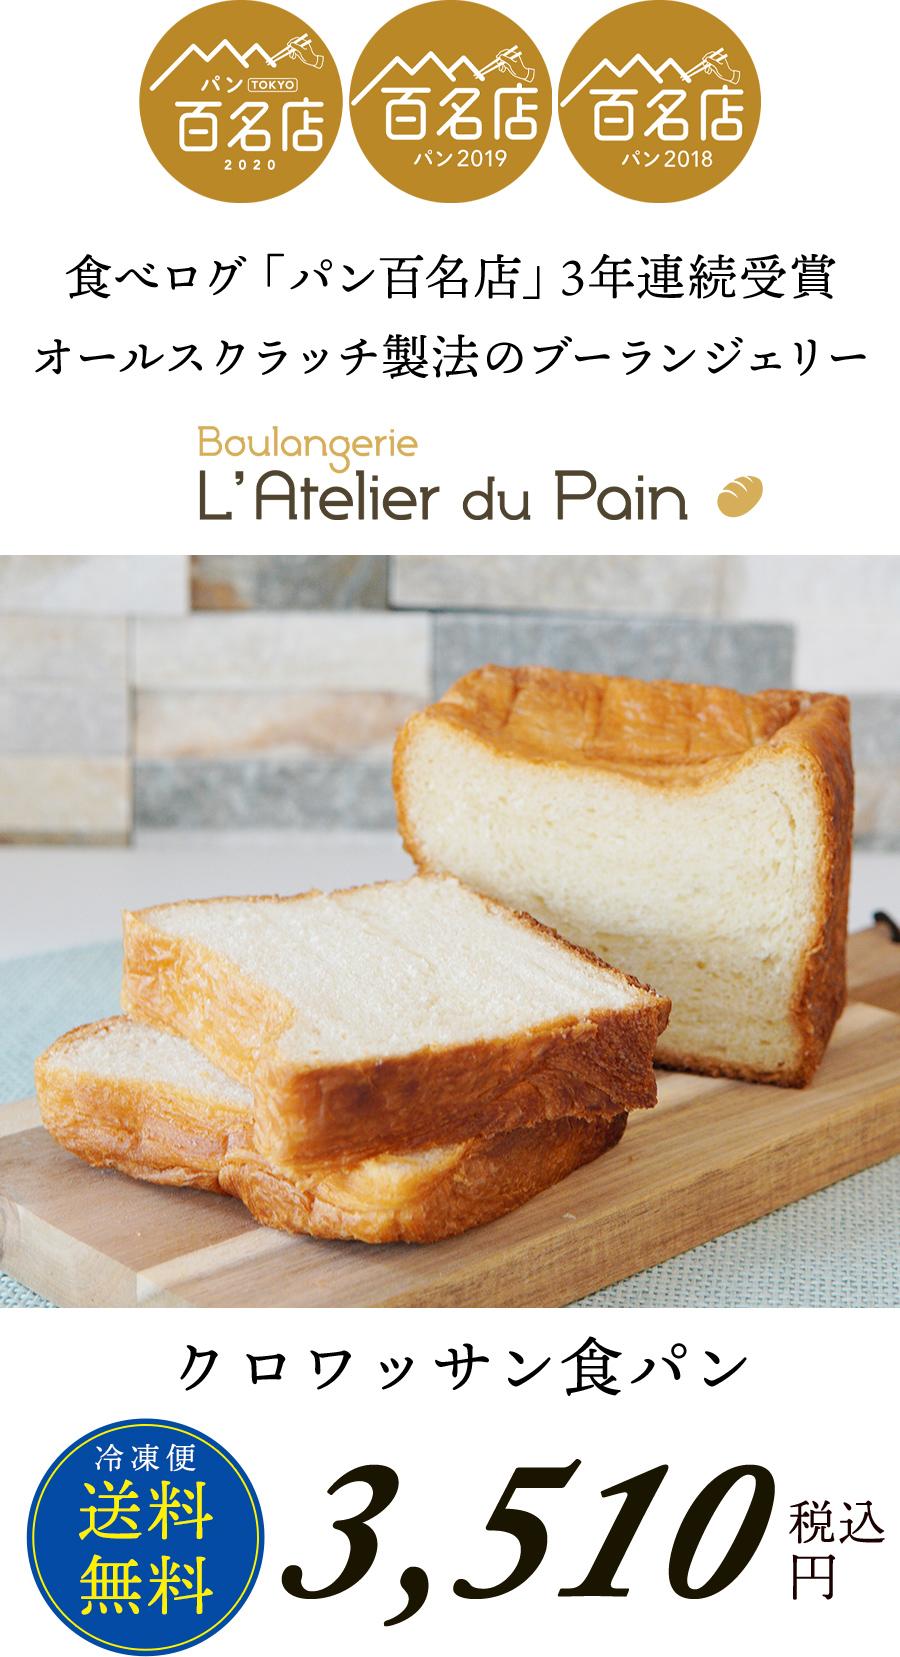 食べログ「パン百名店」3年連続受賞 オールスクラッチ製法のブーランジェリー